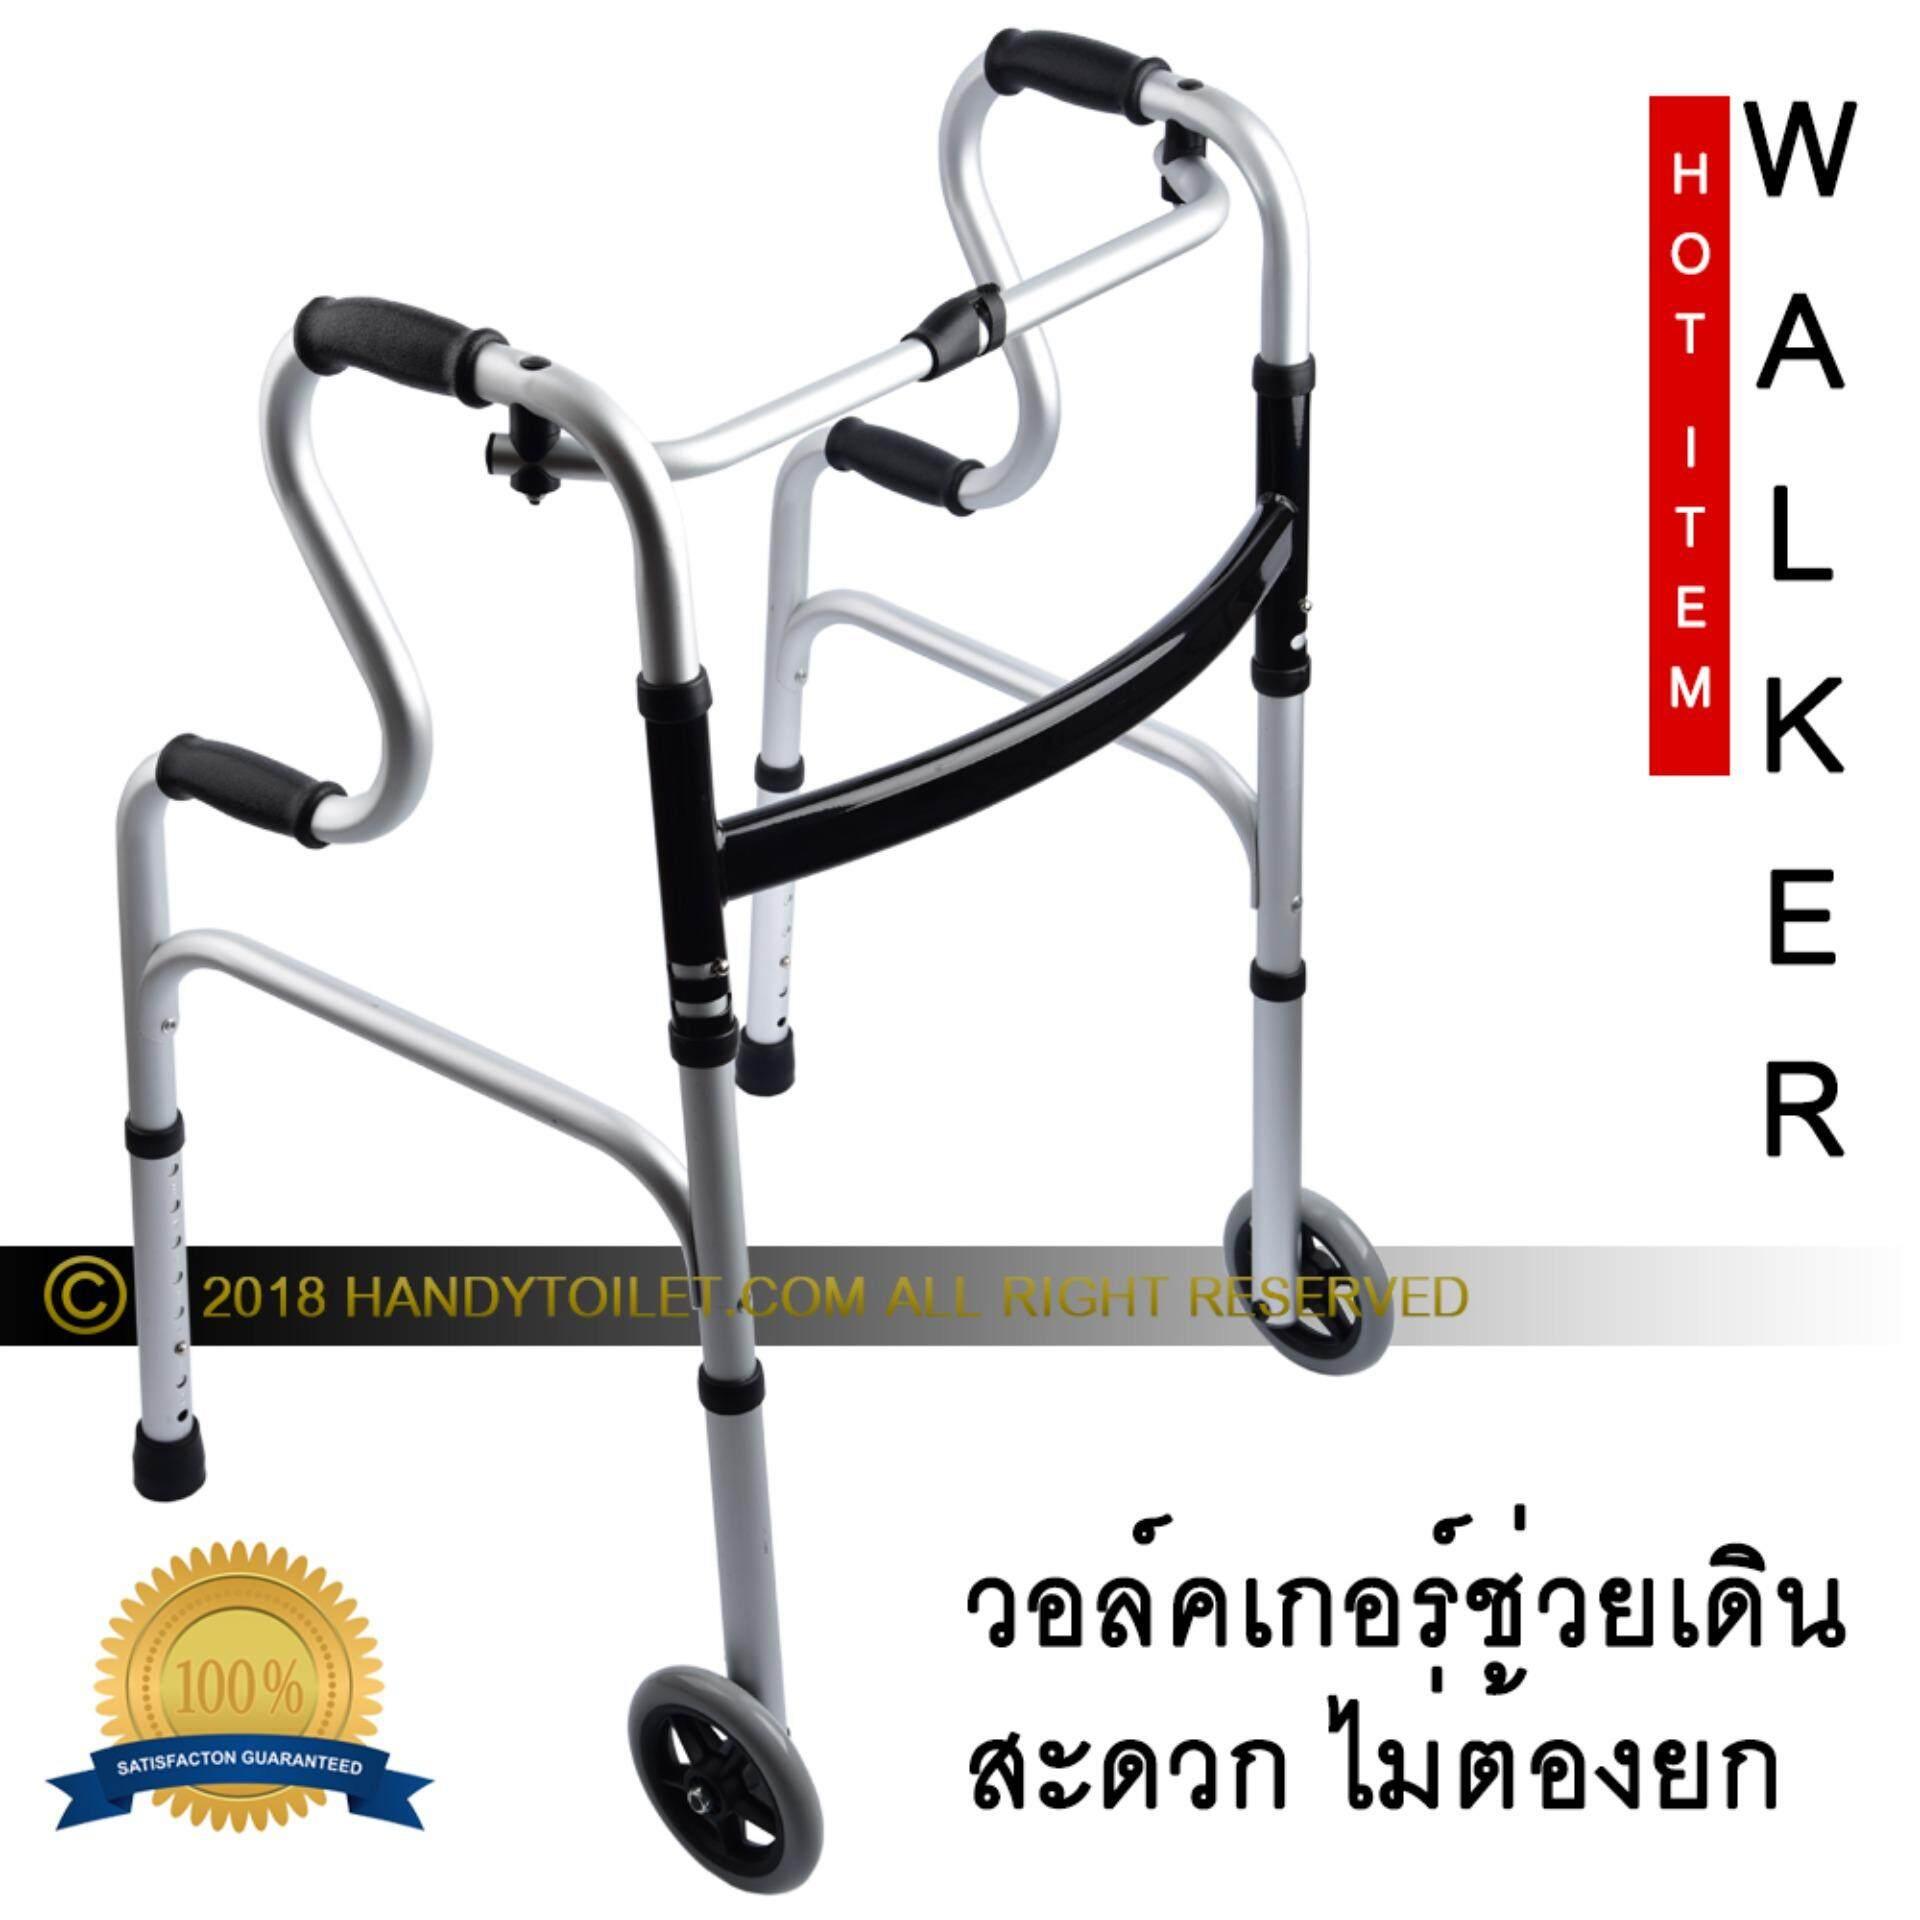 ราคา Walker วอล์คเกอร์ อุปกรณ์ช่วยเดิน 4 ขาและ 2 ล้อ สำหรับเปลี่ยน Unbranded Generic